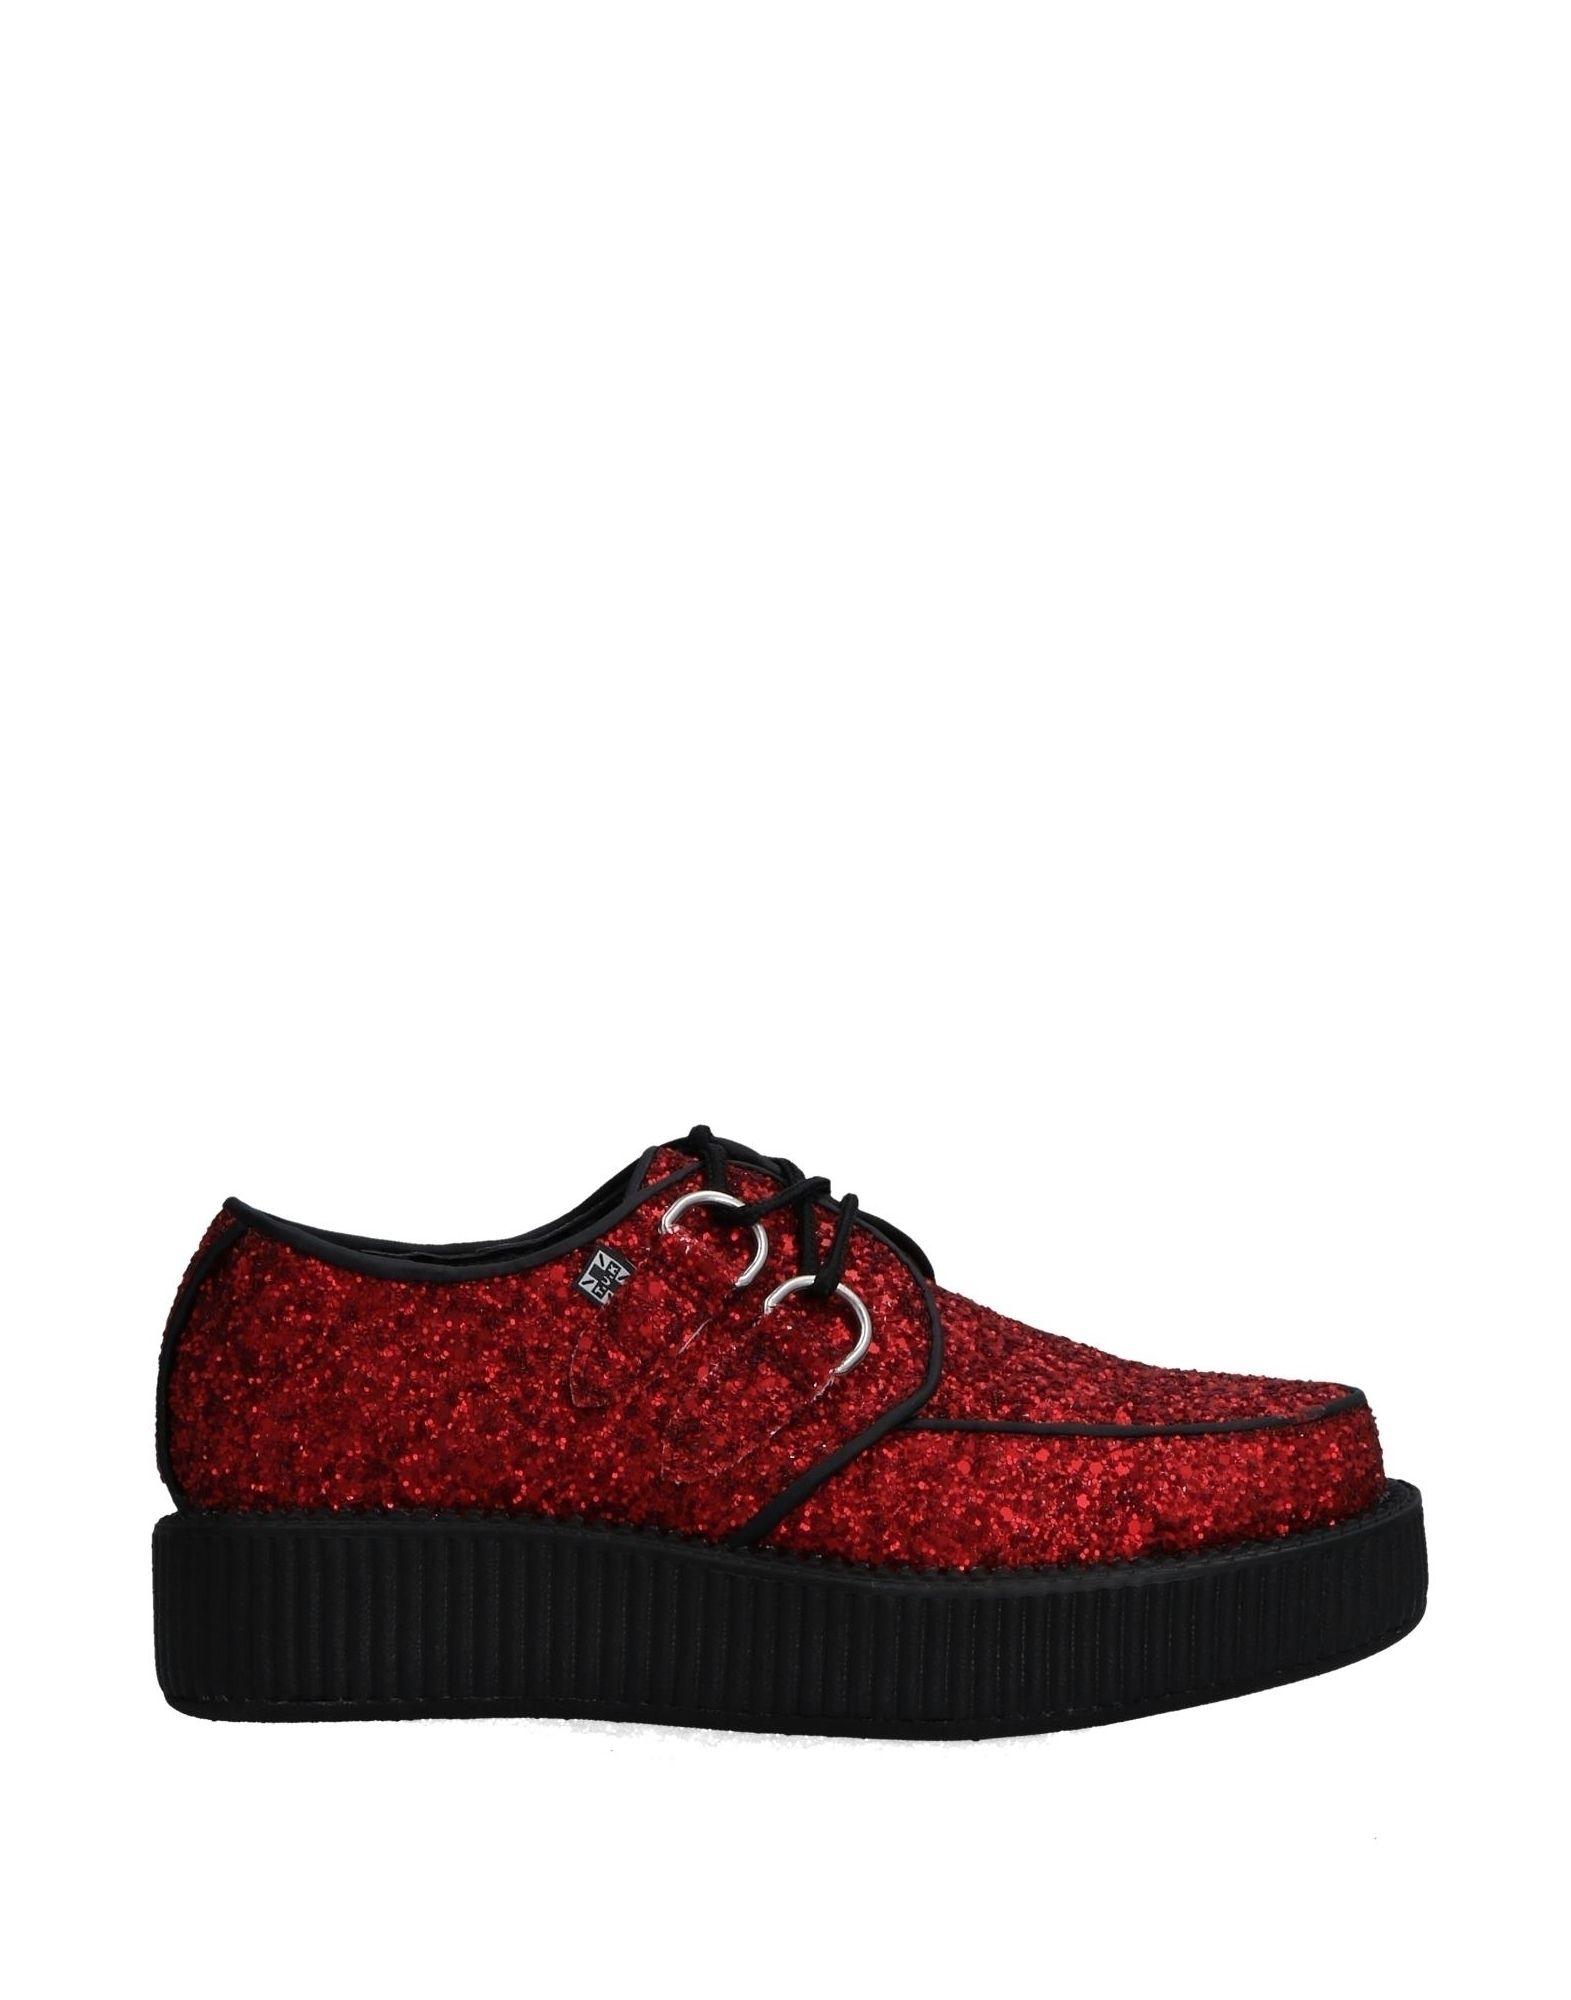 Damen T.U.K Schnürschuhe Damen   11528161VD Heiße Schuhe 0dac11